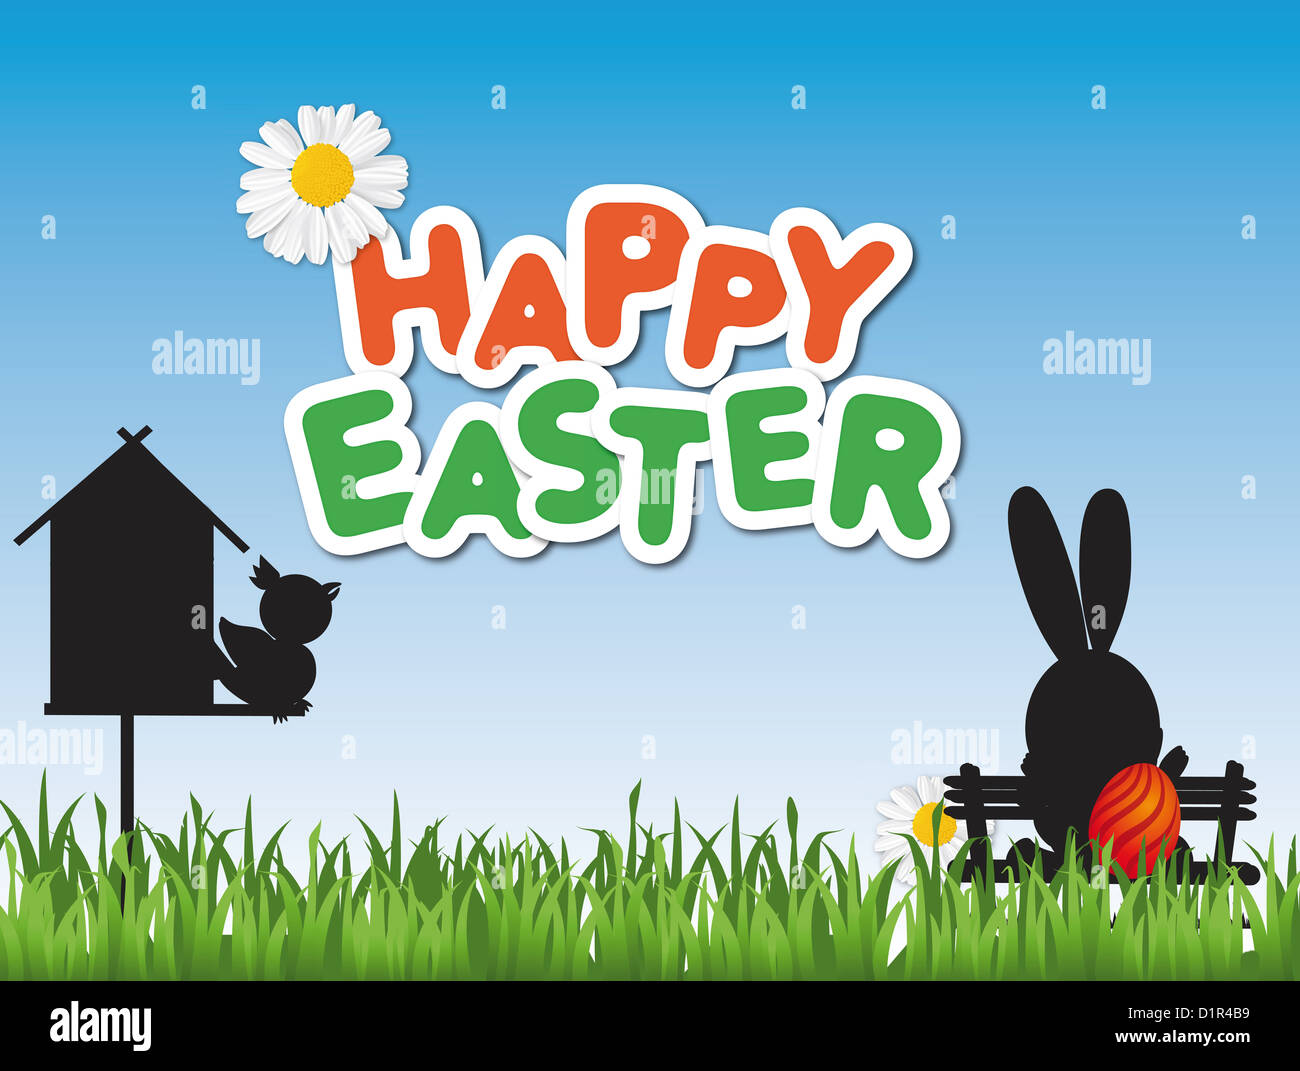 Tarjeta de Pascua feliz con una casita para aves y un conejito de Pascua en una banca del parque Imagen De Stock